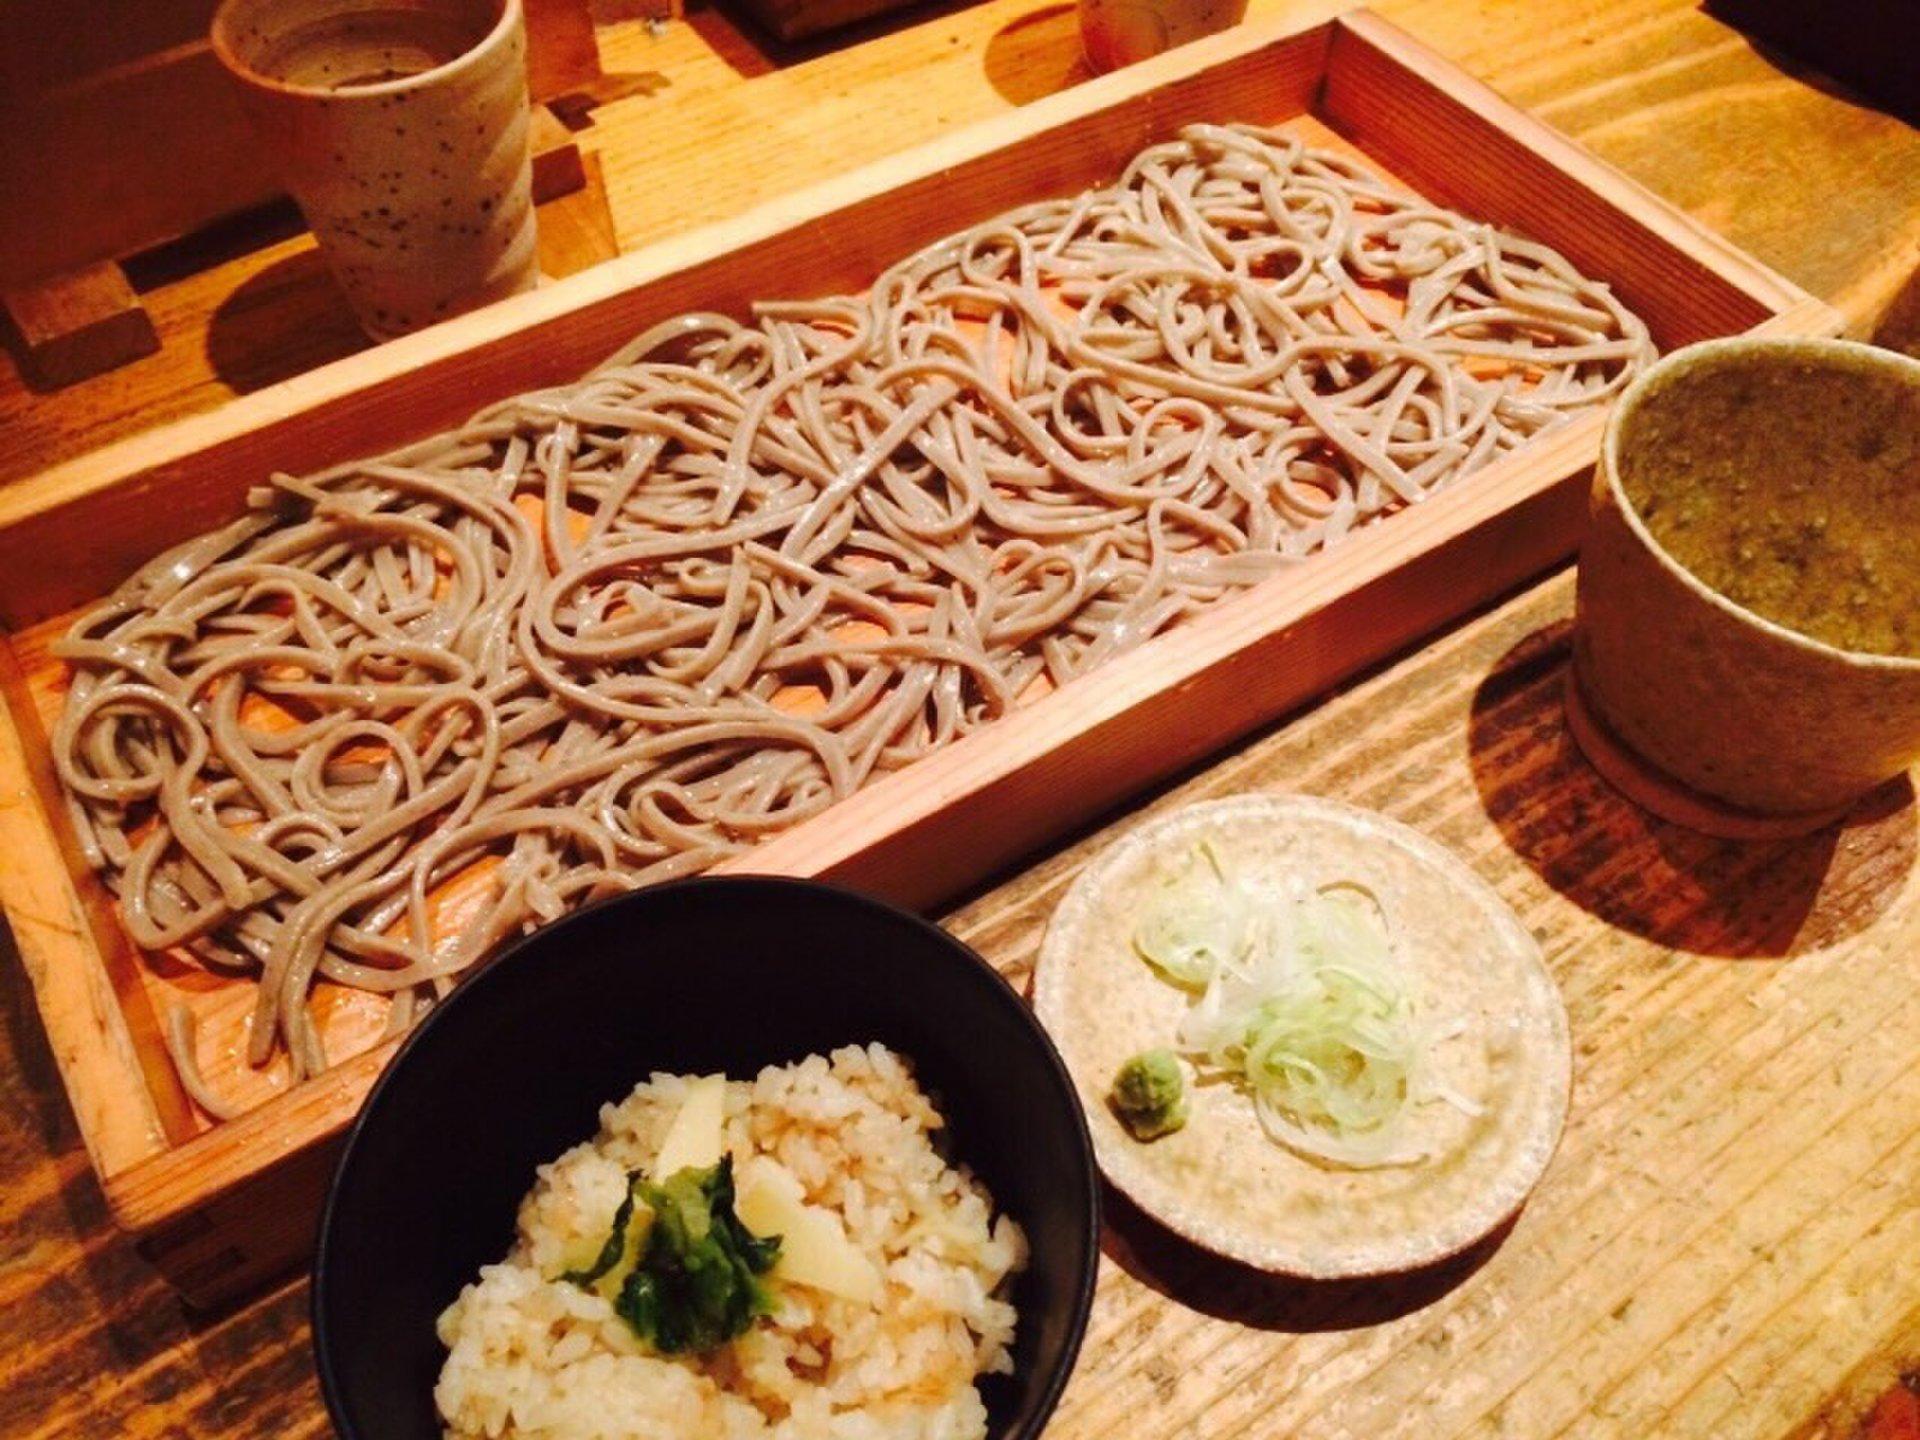 【都内×そば】最高においしい蕎麦屋に年越しそばを食べに行こう!